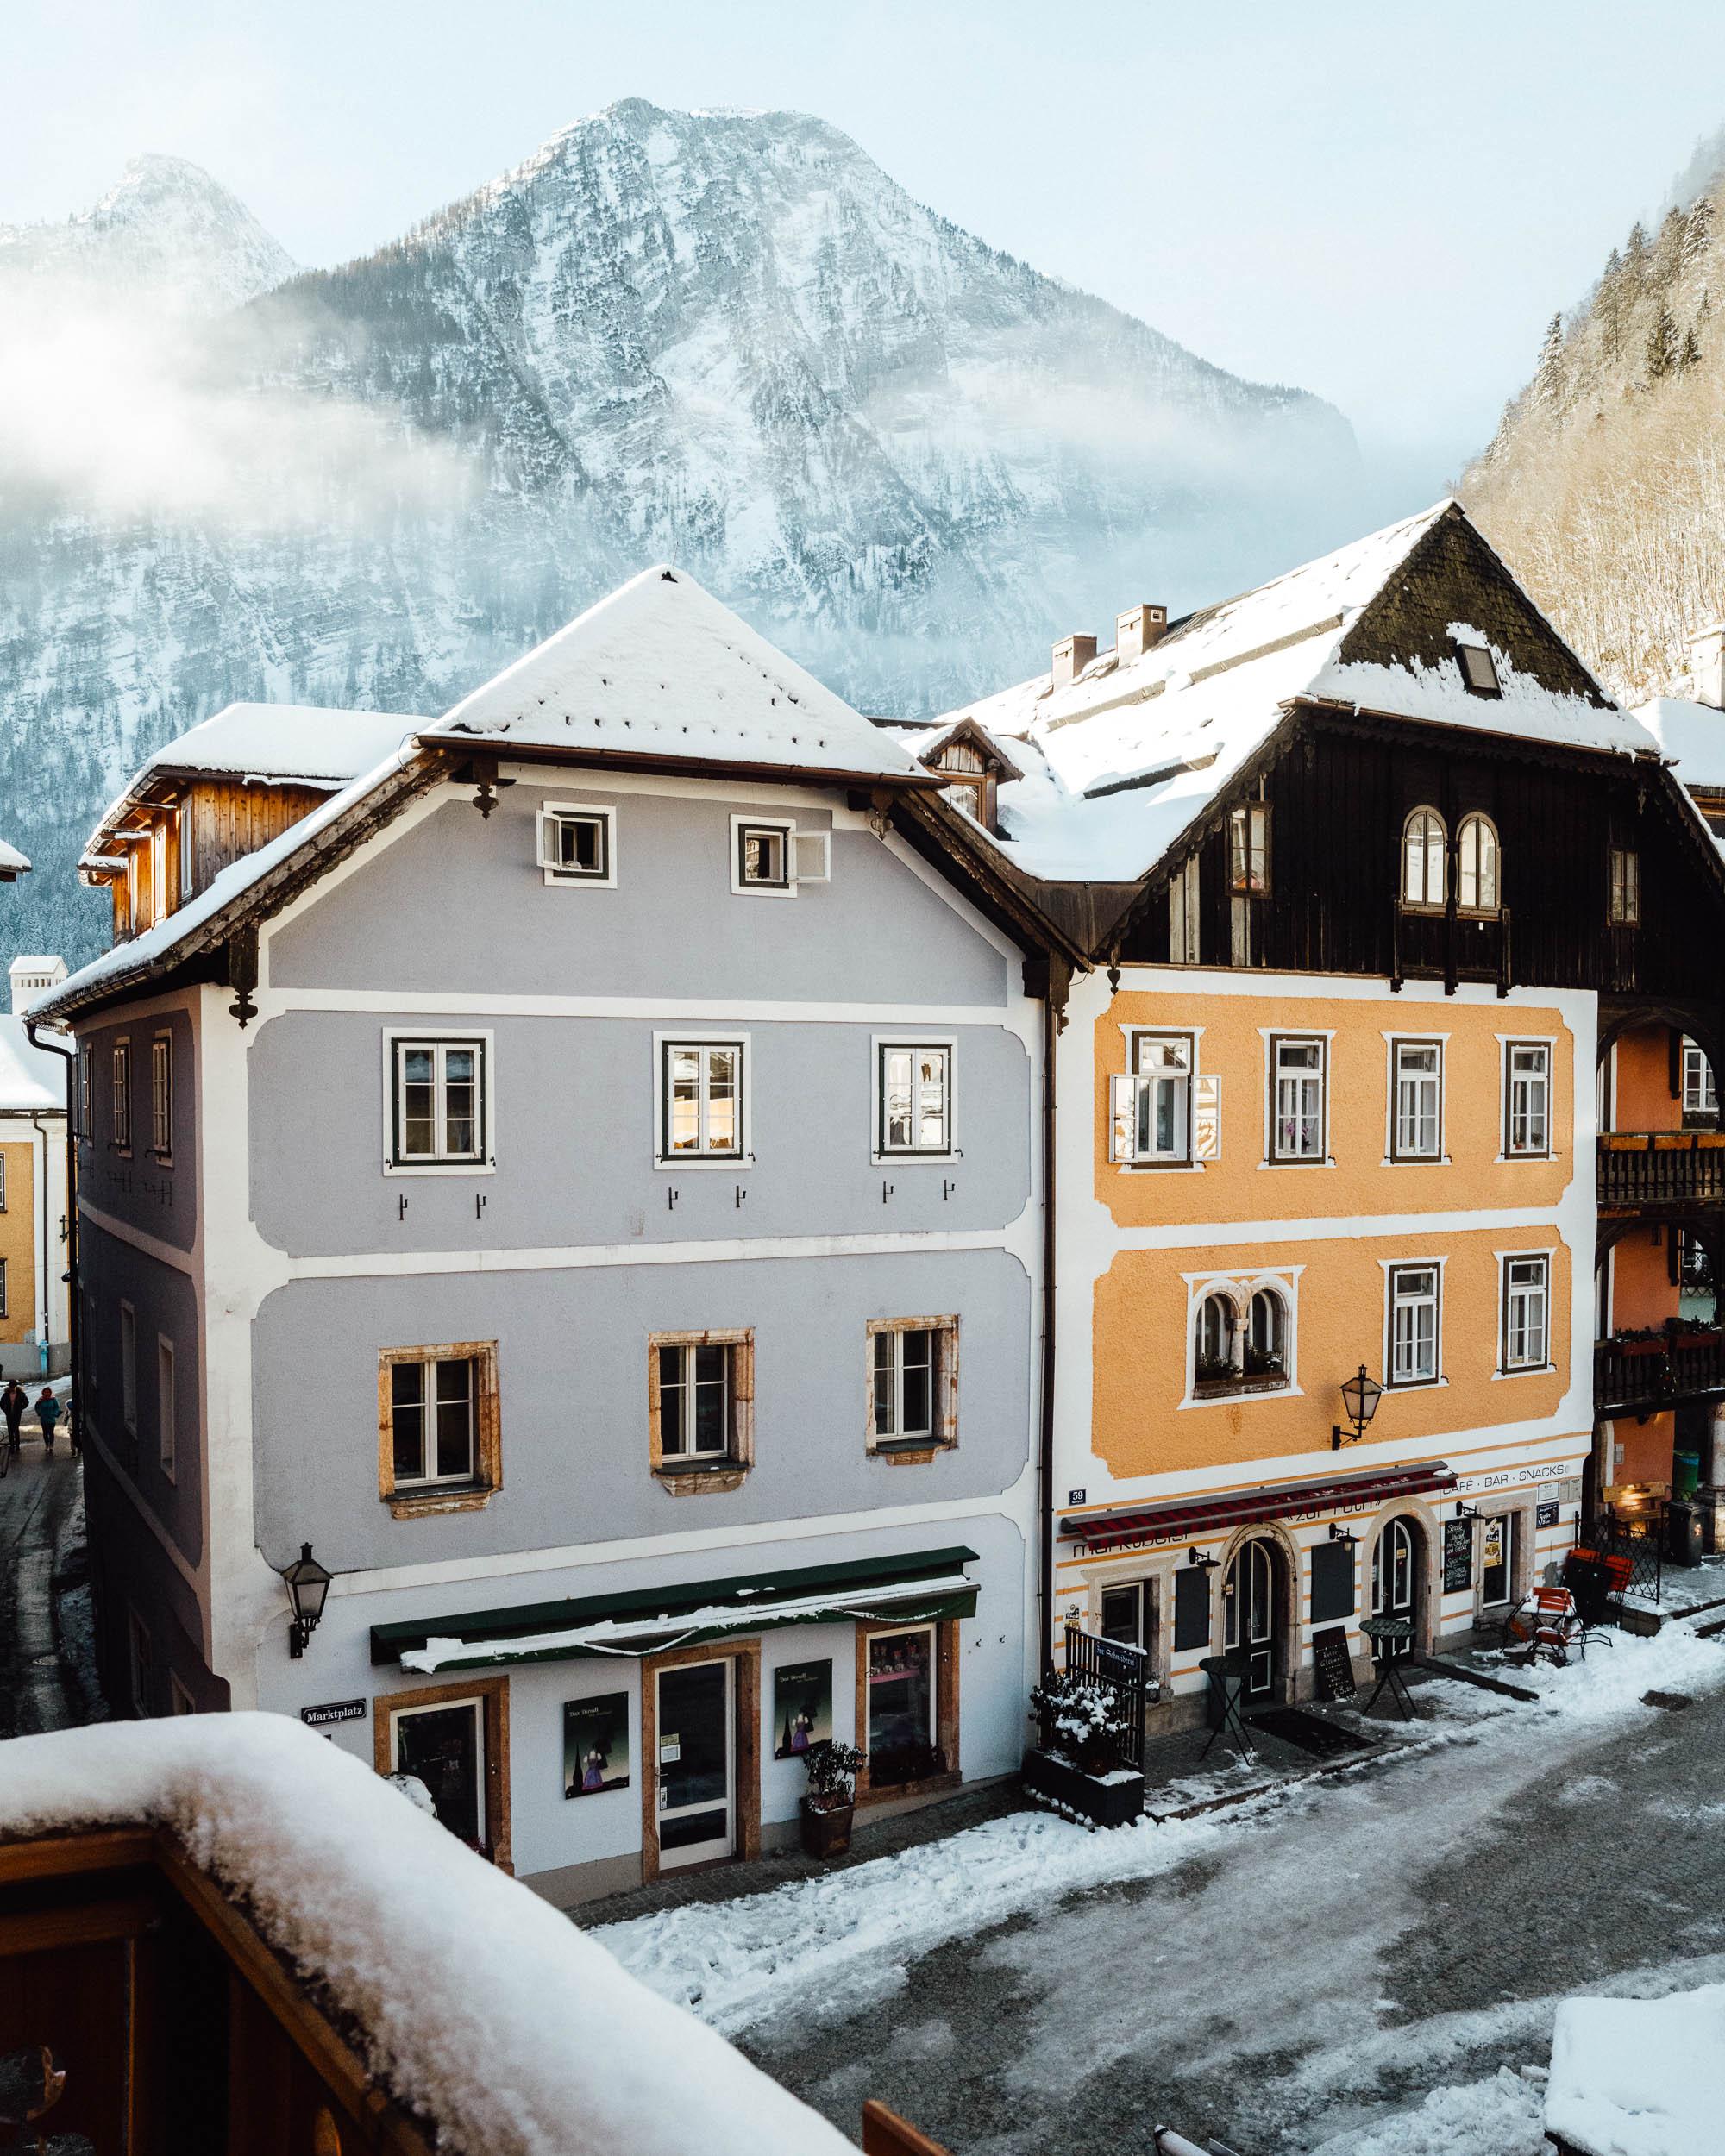 Balcony view at Seehotel Gruner Baum Hallstatt hotel in Austria